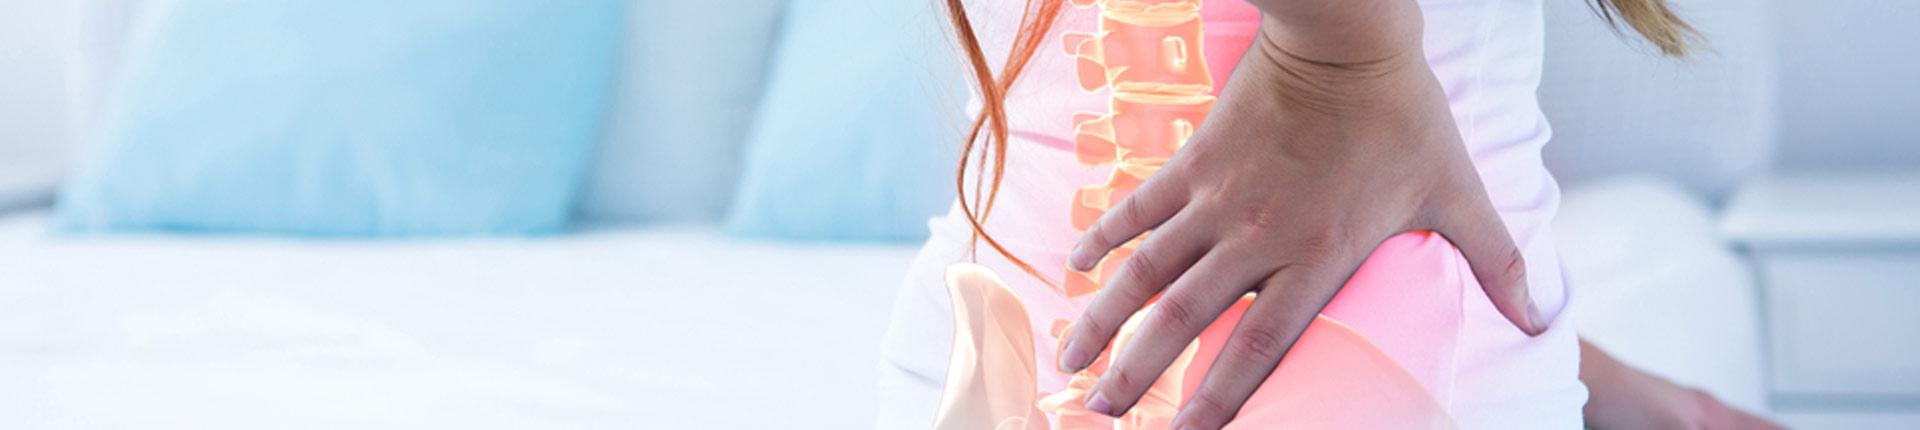 5 faktów na temat bólu pleców i kręgosłupa